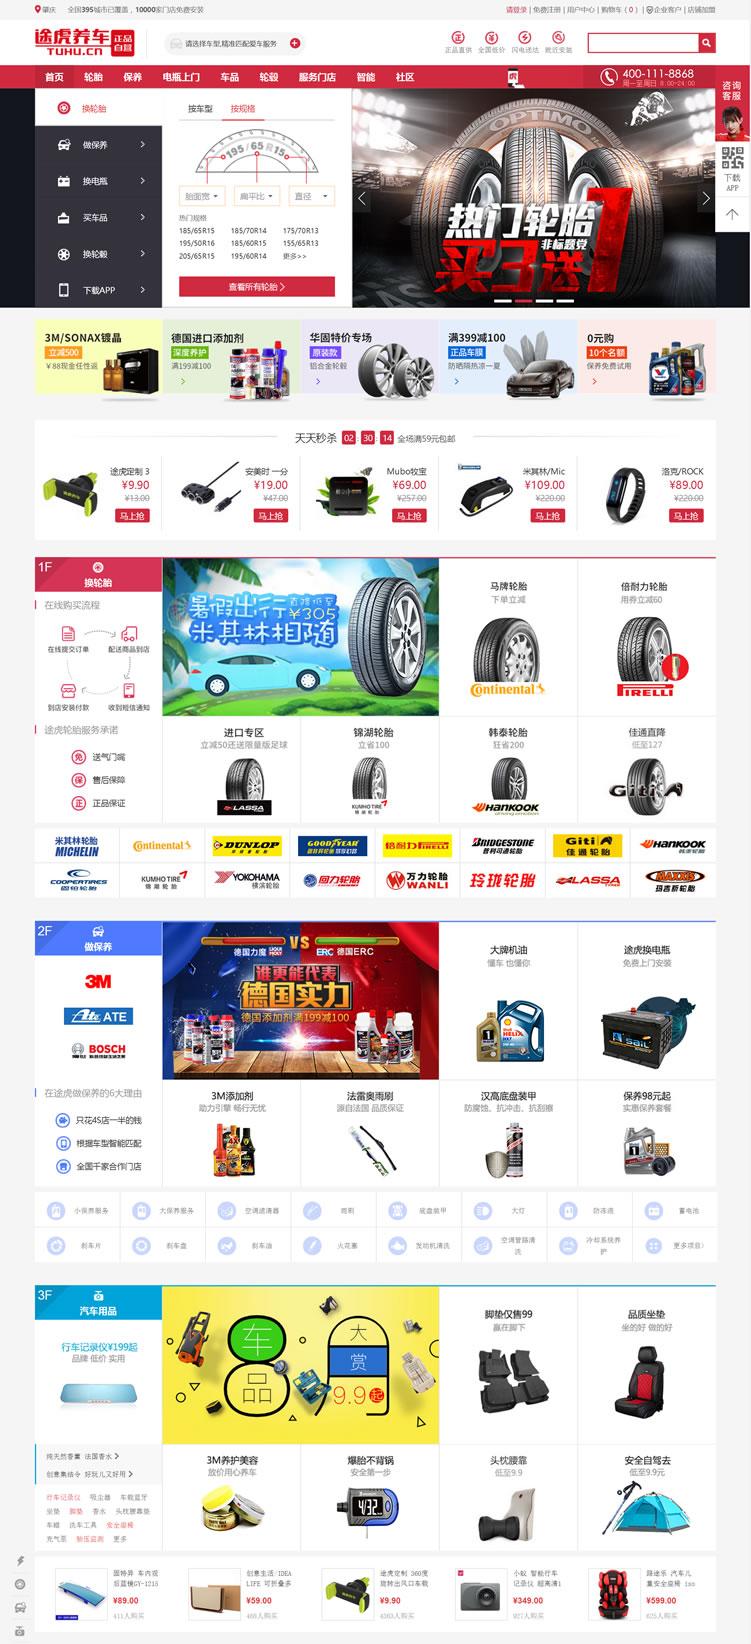 中国领先轮胎、保养在线商城:途虎养车